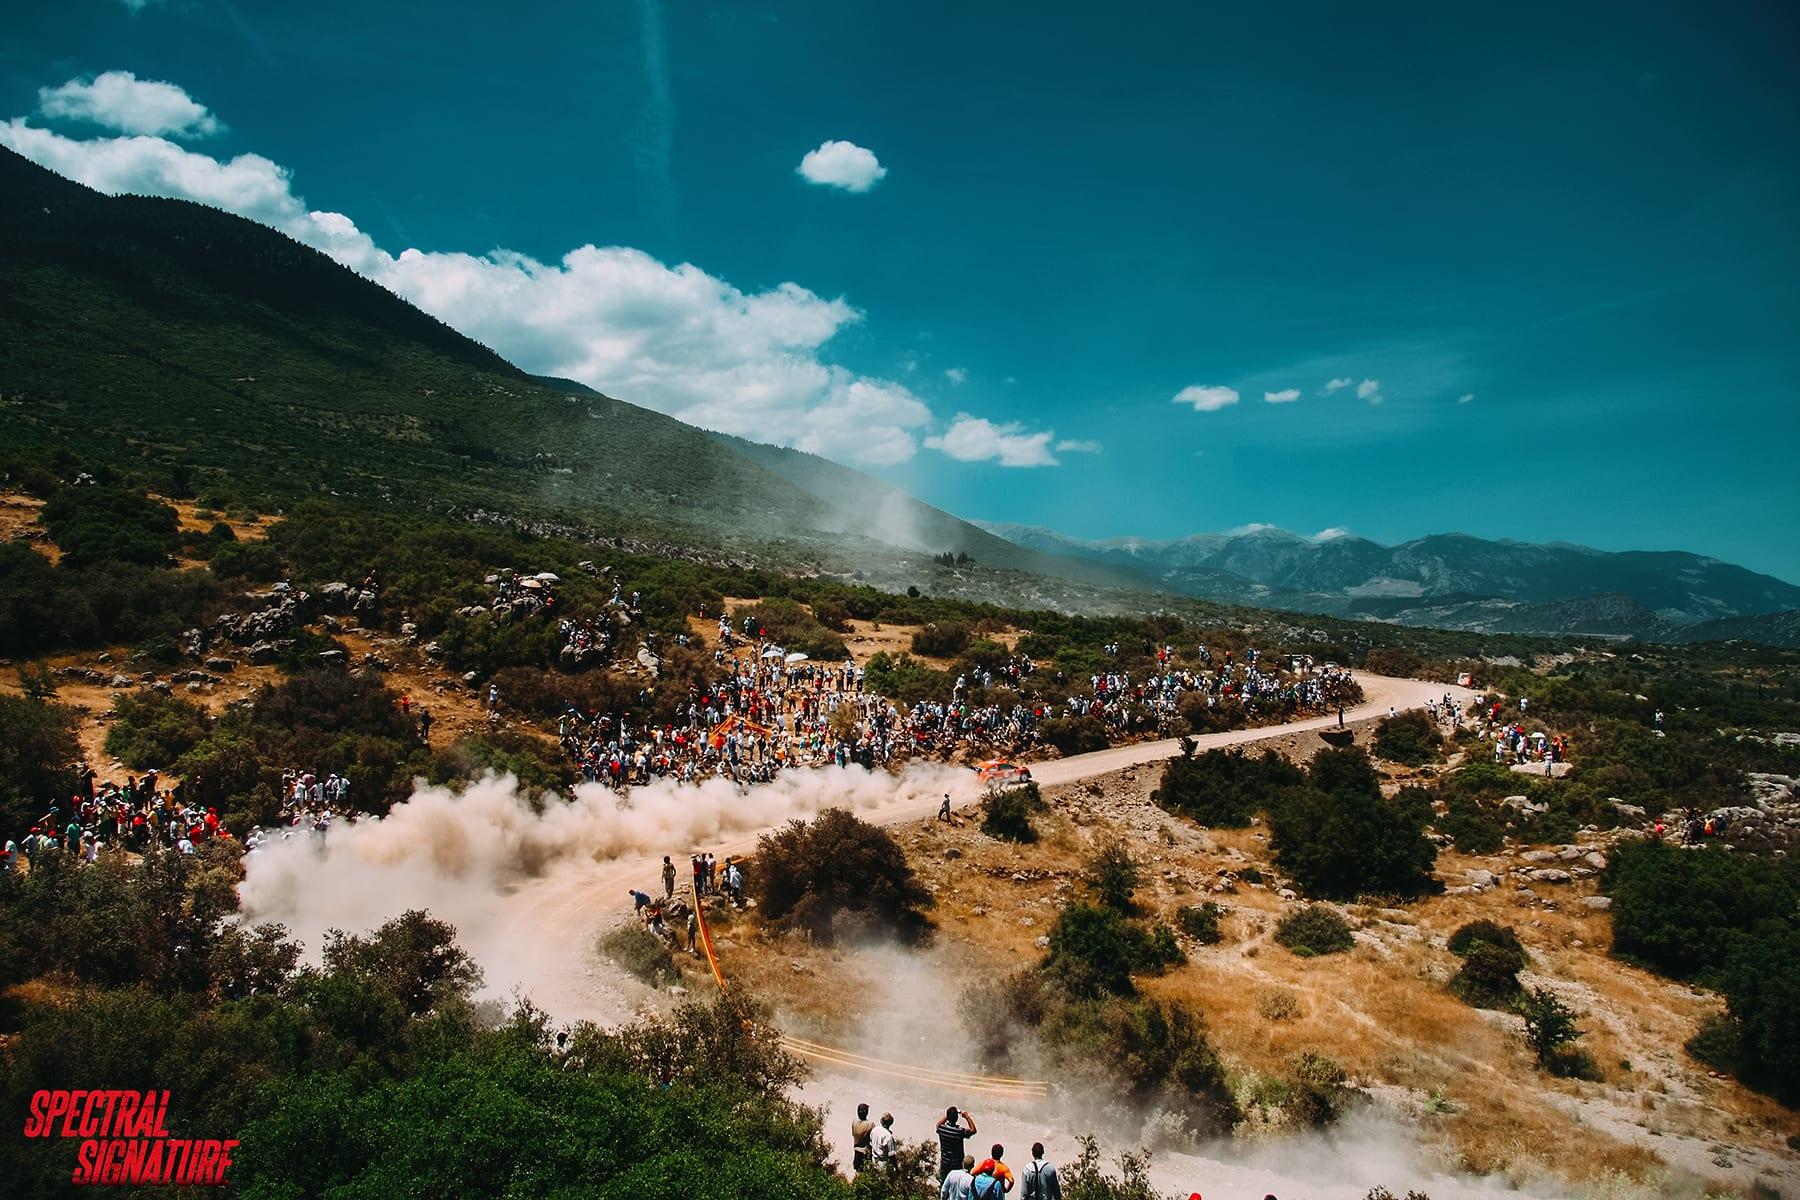 Seajets Acropolis Rally 2017: Ωράριο-Πρόγραμμα-Συμμετοχές-Προσβάσεις-Χάρτες